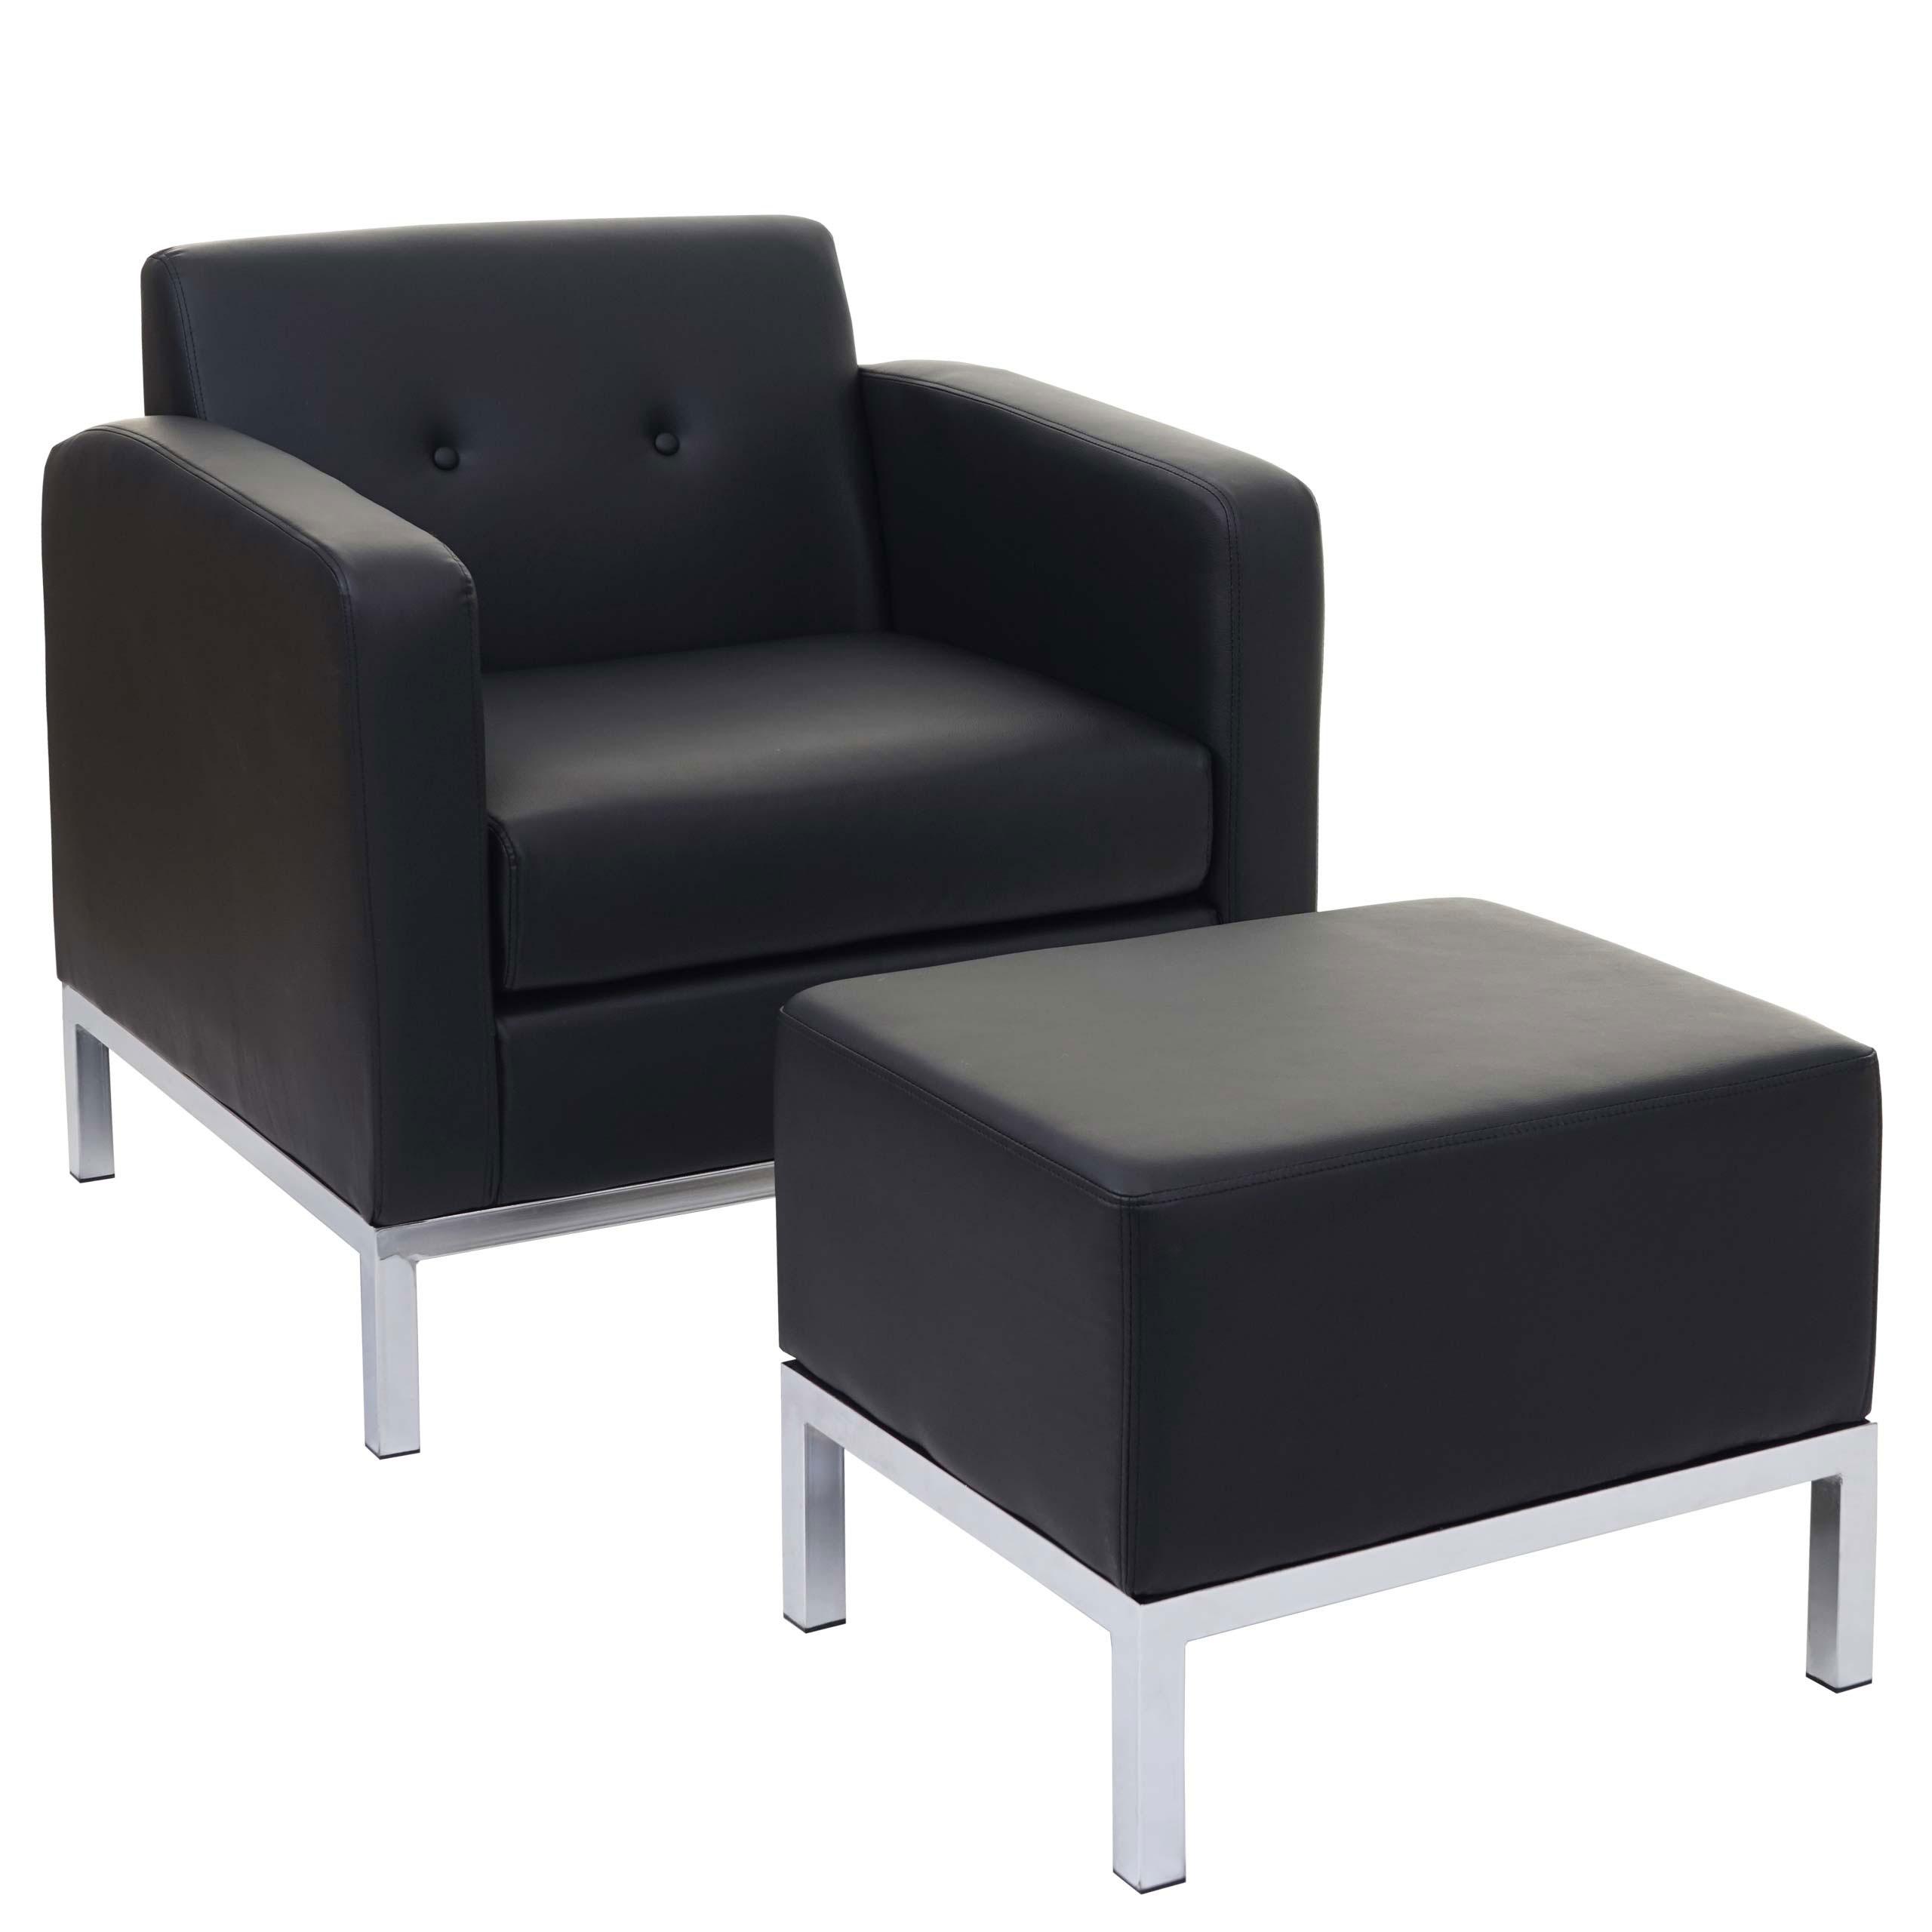 Sessel Mit Ottomane Hwc C19 Modular Sofa Mit Armlehnen Erweiterbar